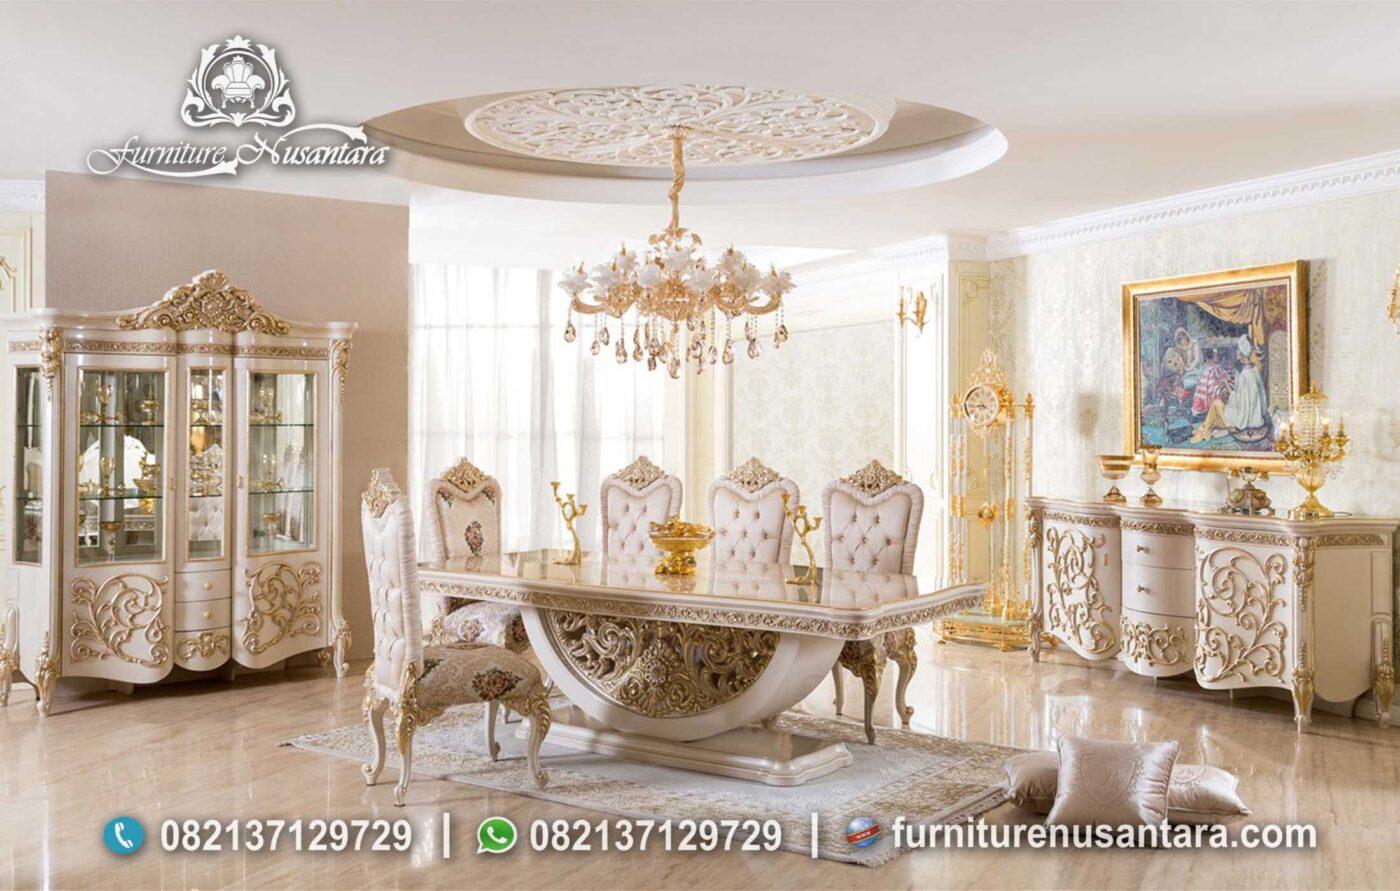 Desain Set Ruang Makan Mewah Ala Sultan MM-153